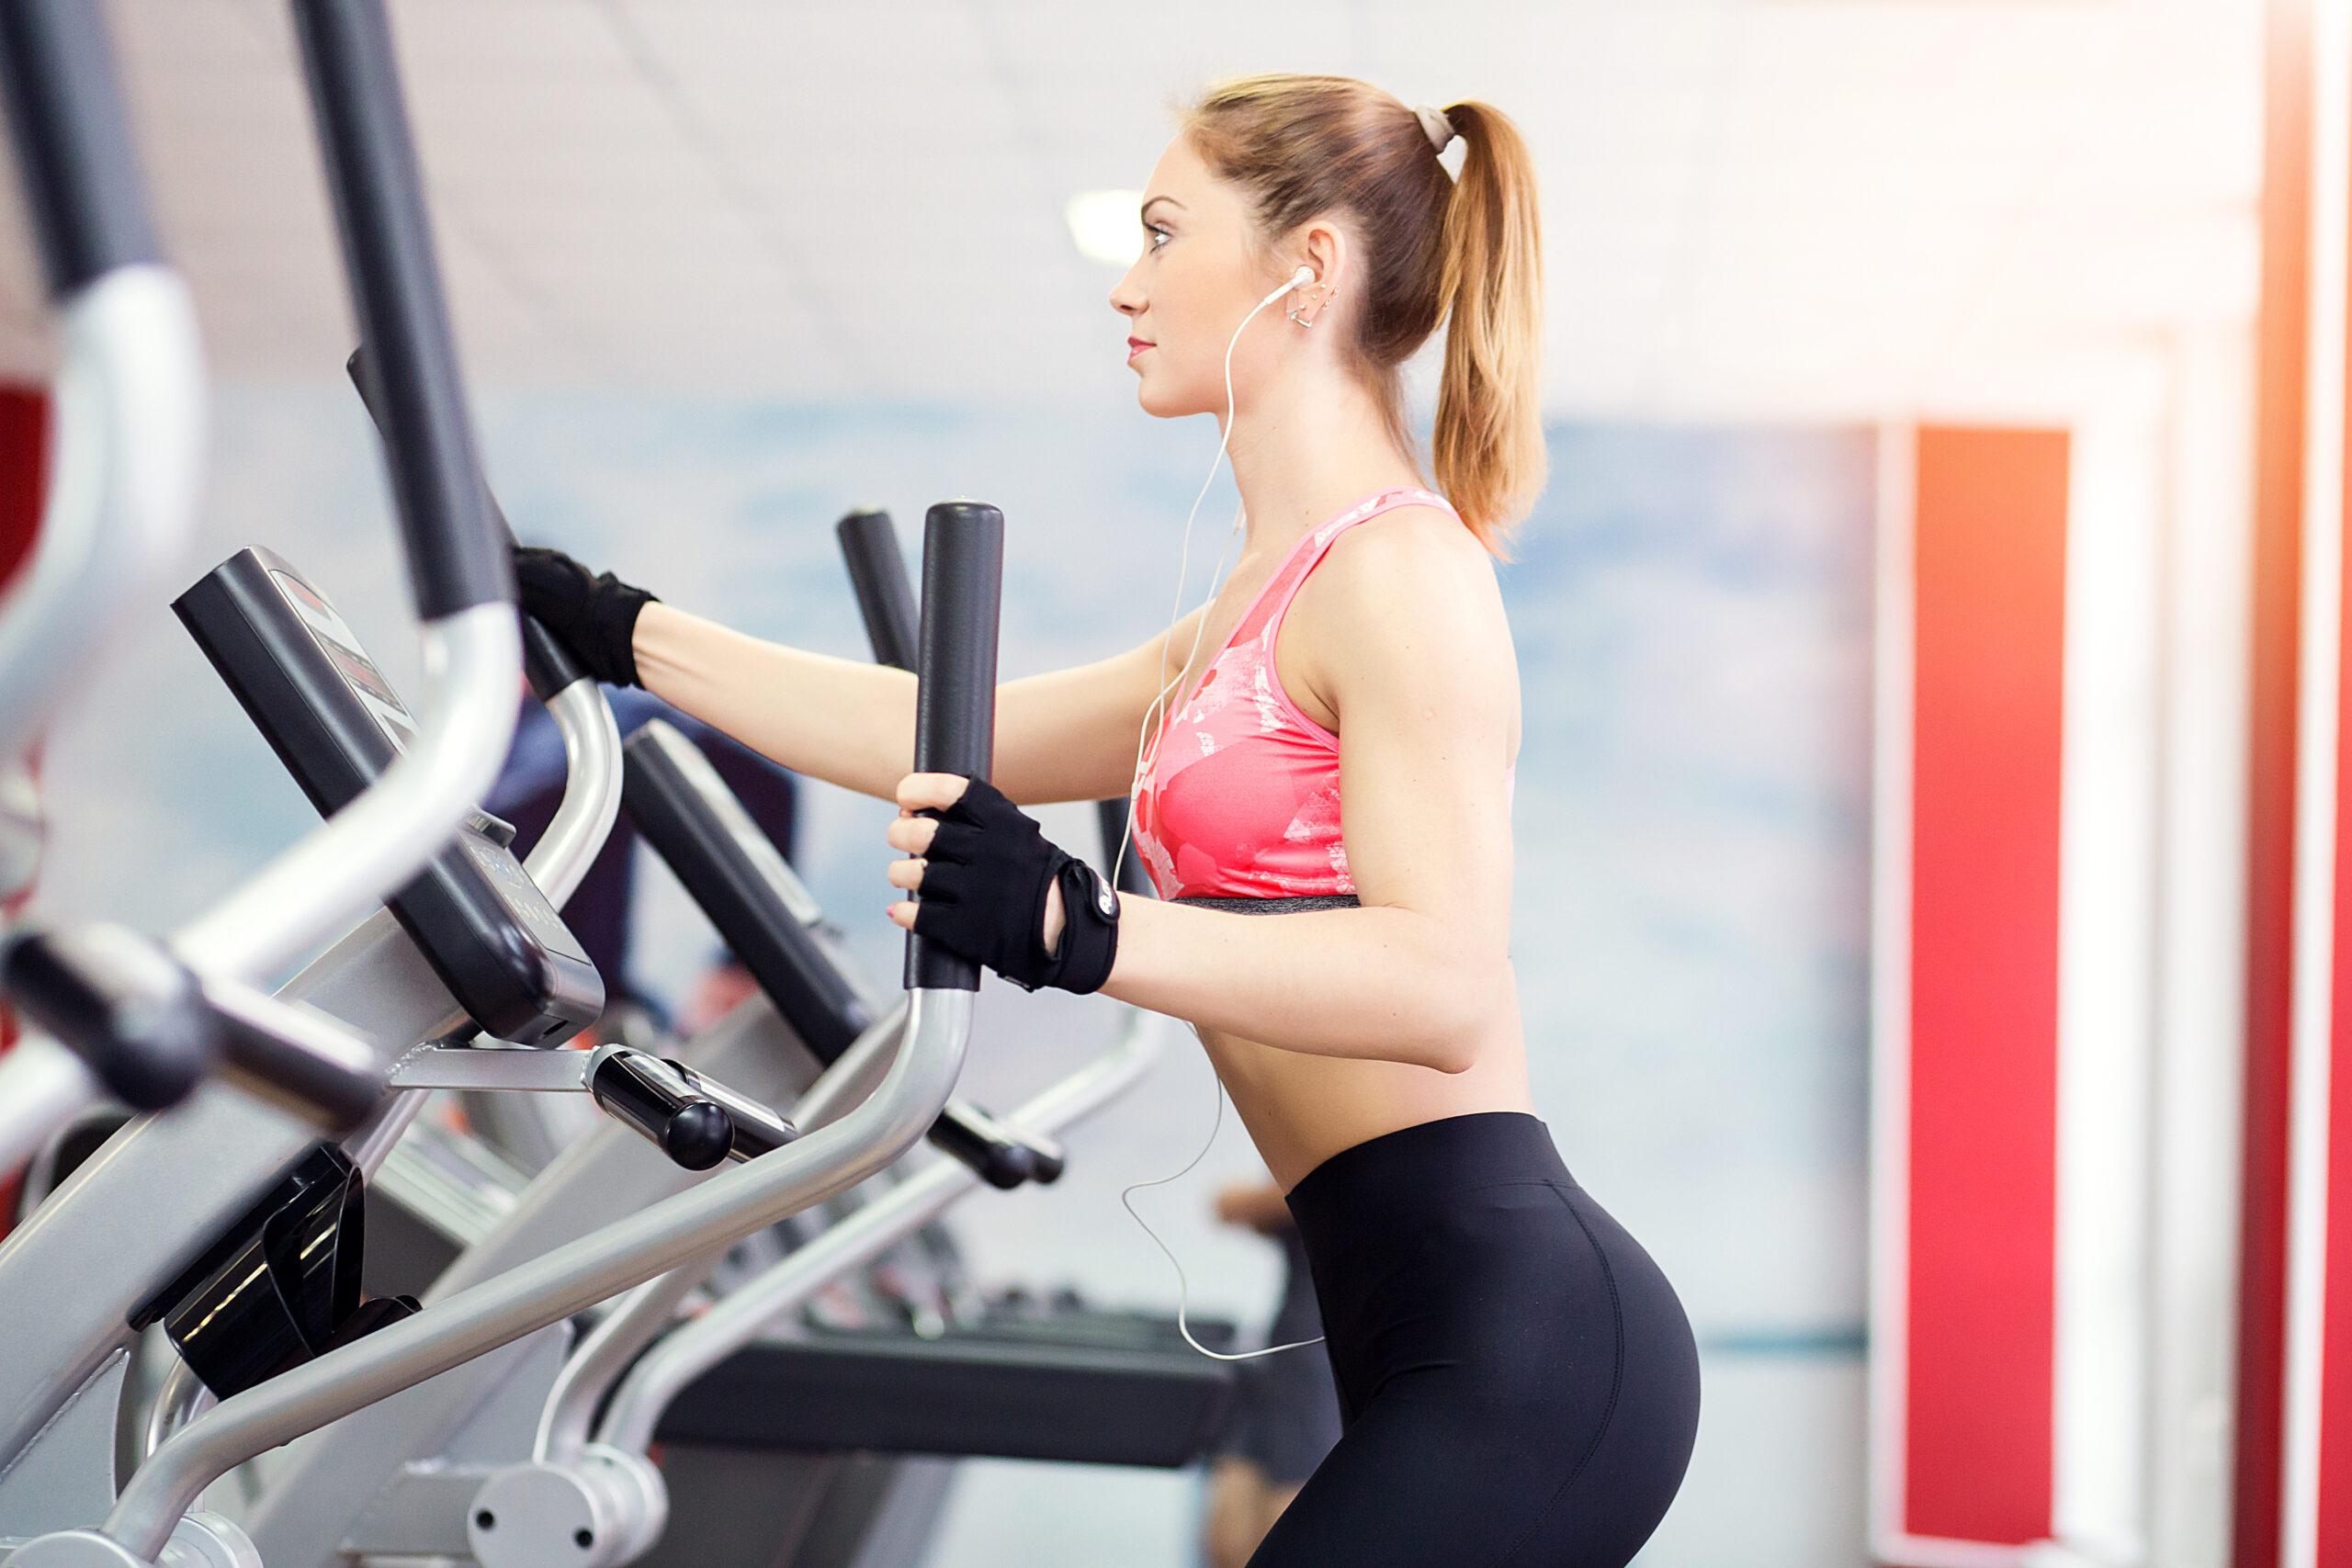 jak ćwiczyć na orbitreku żeby schudnąć